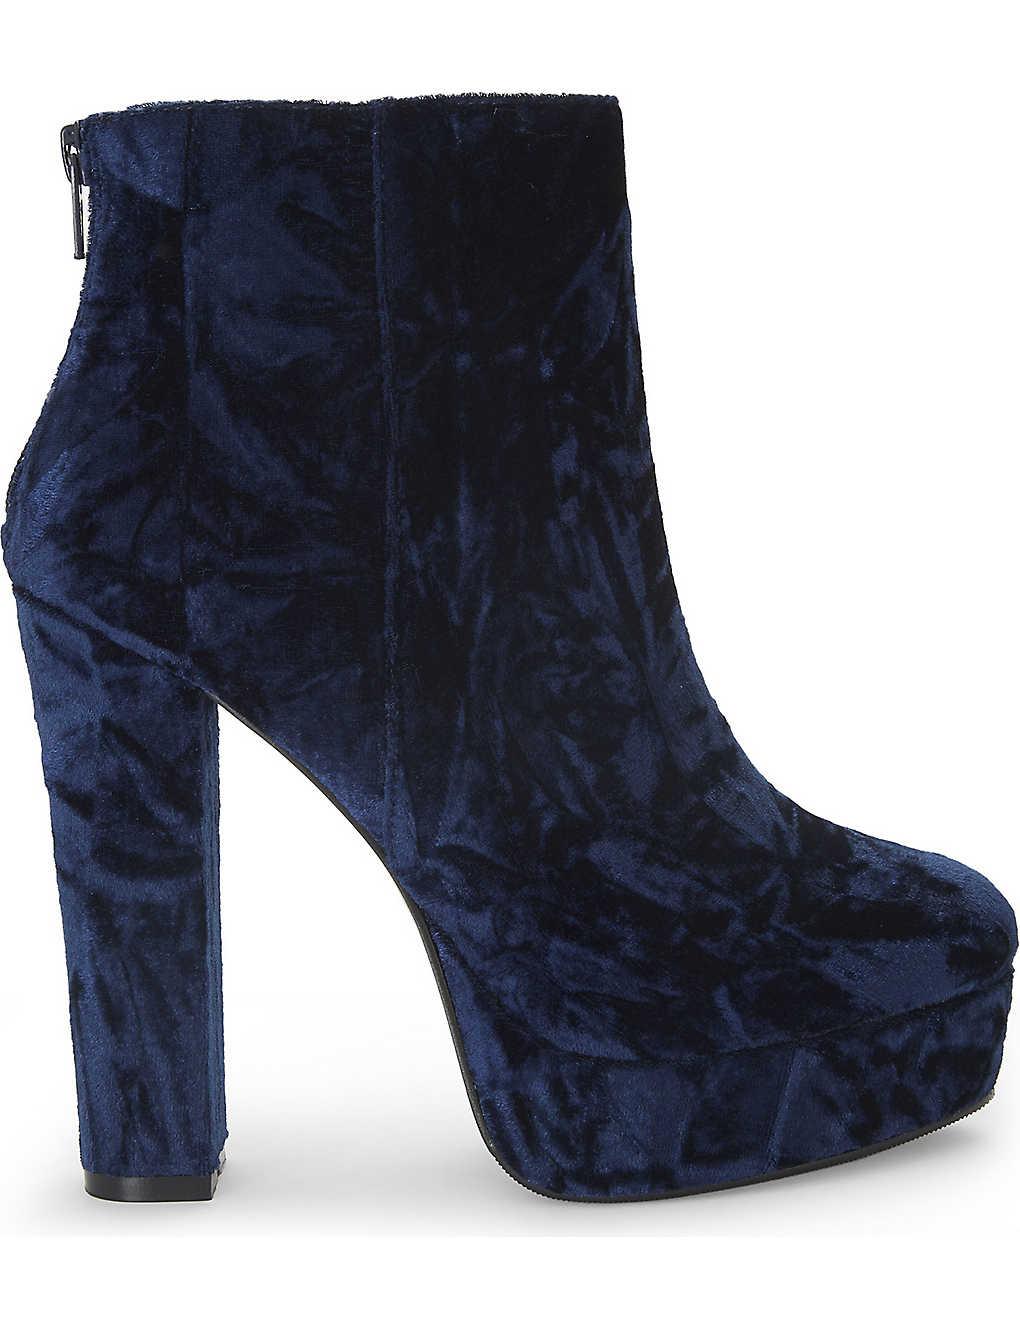 d4e109770d88 ALDO - Kasser velvet platform ankle boots